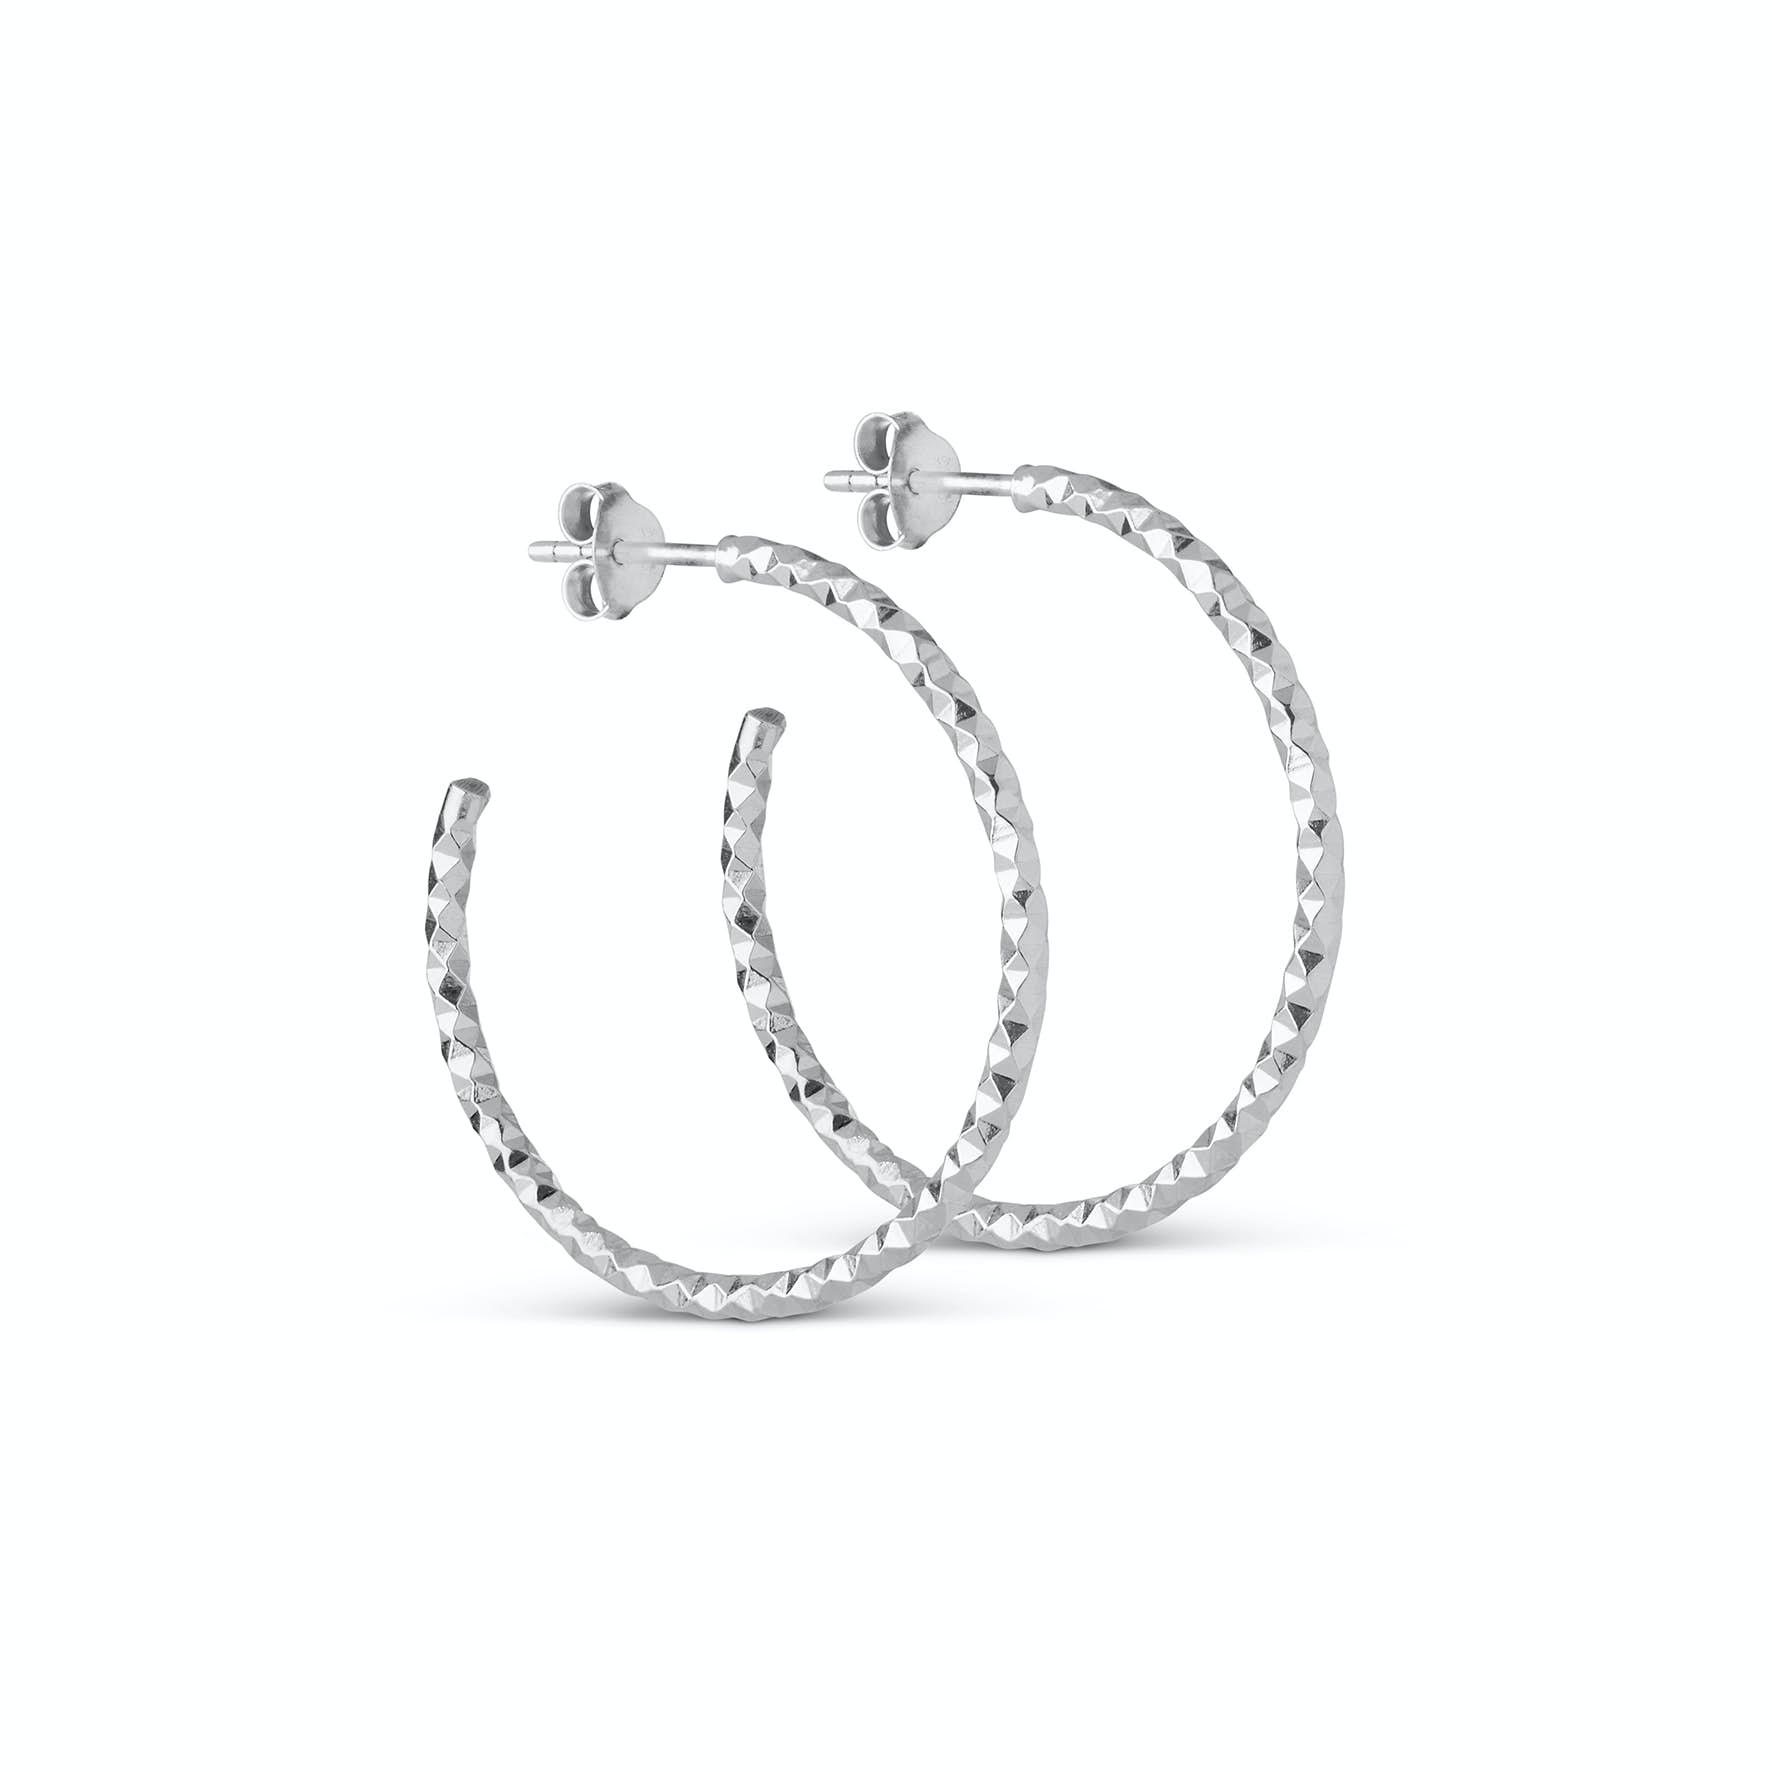 Diamond Cut Large Hoops fra Enamel Copenhagen i Sølv Sterling 925